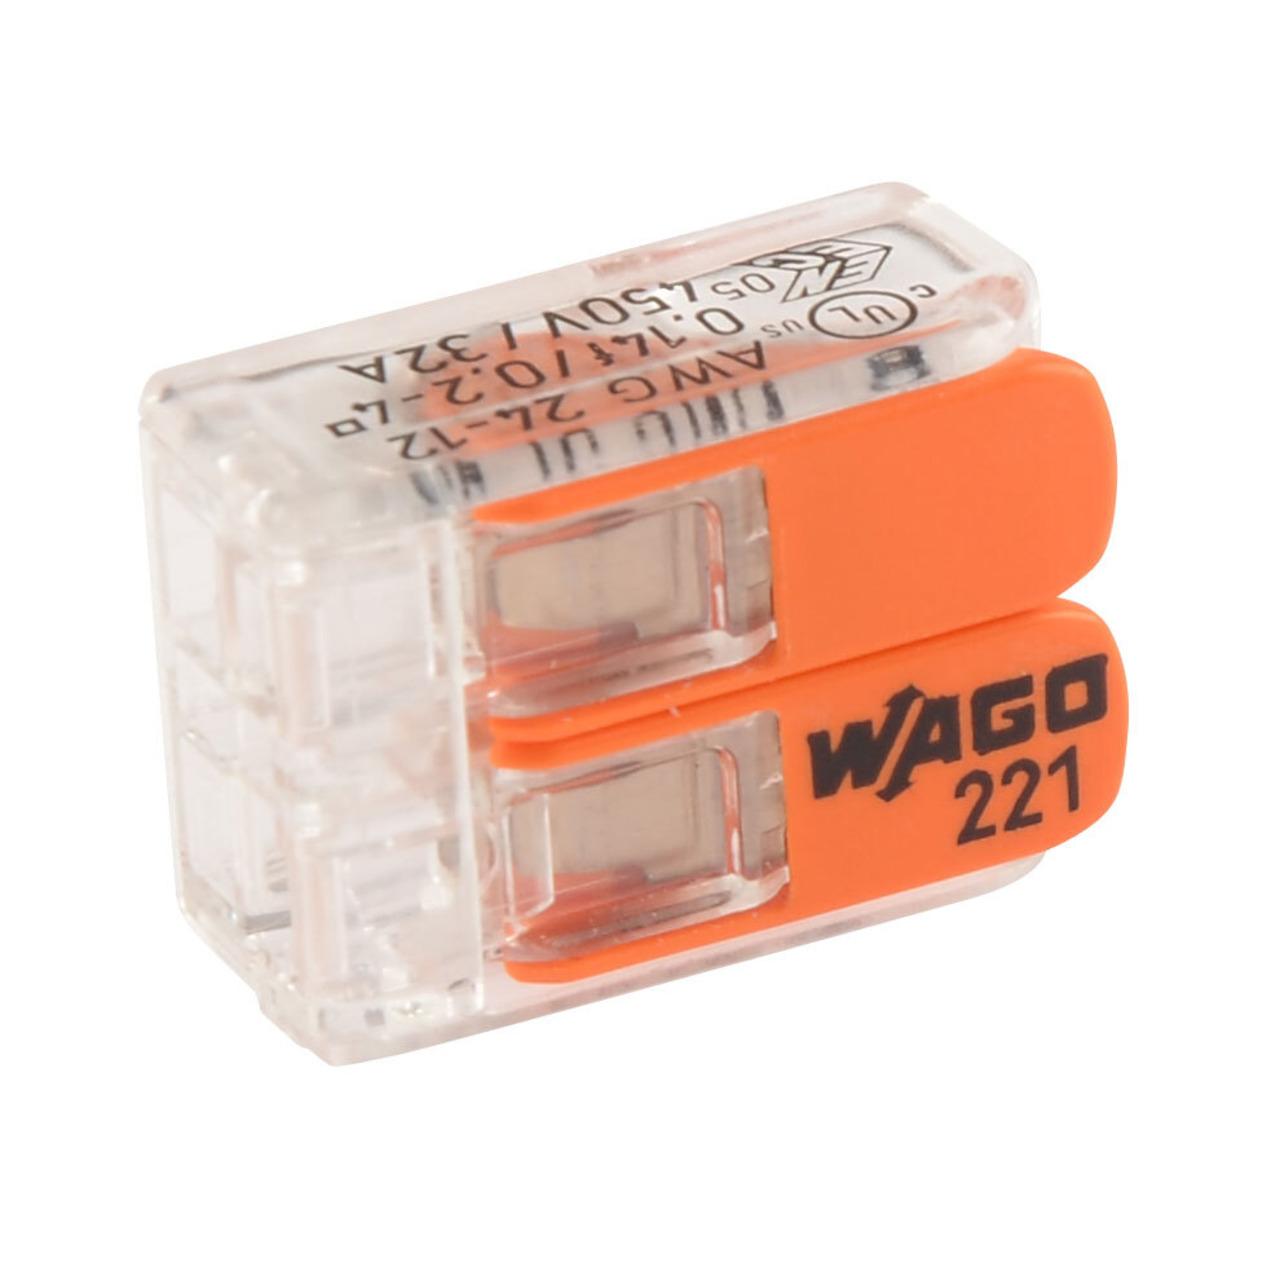 Wago 221-412 COMPACT Verbindungsklemme 2 x 4 mm- 100 Stück